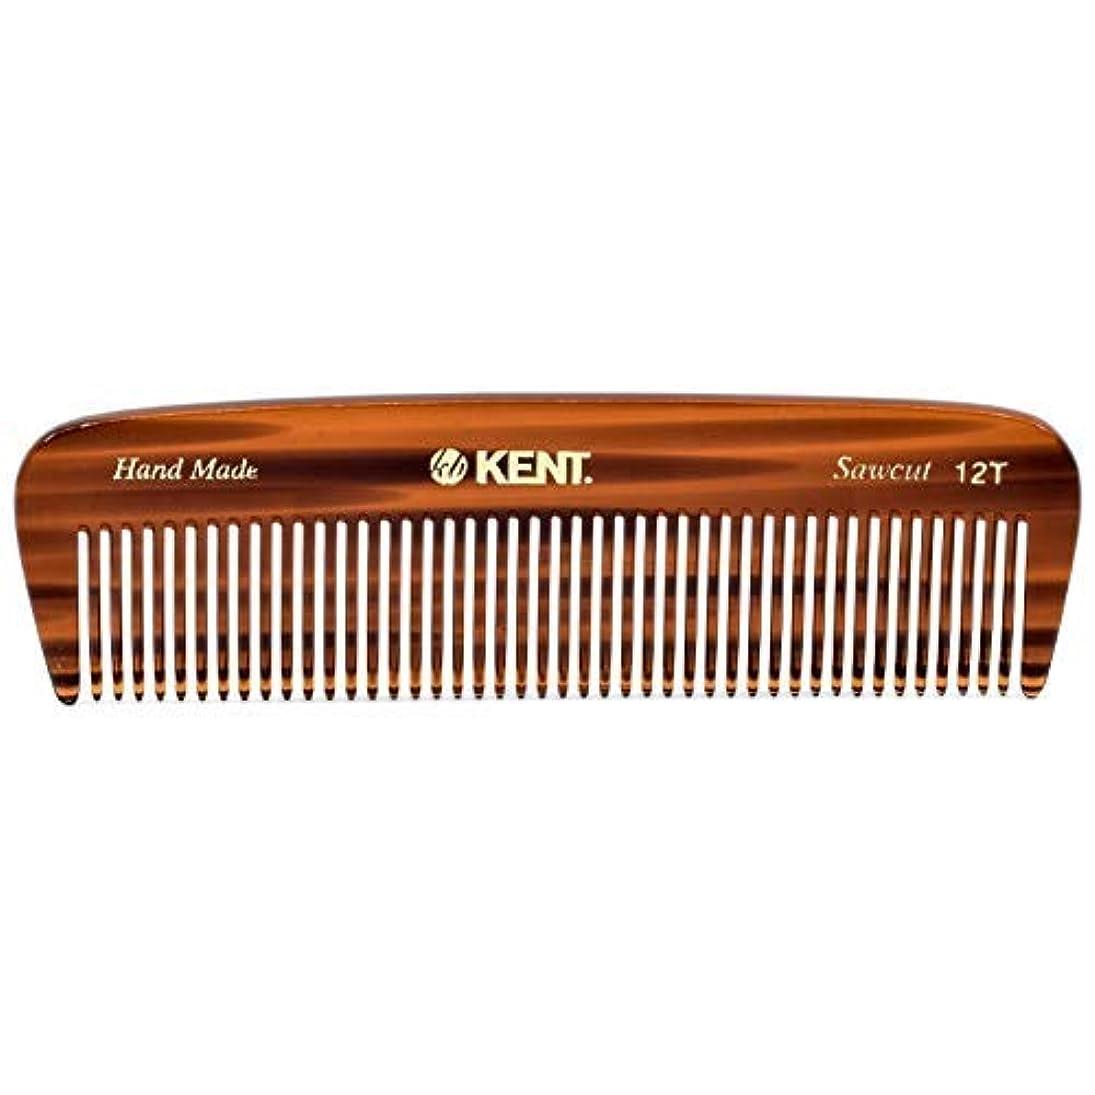 昼食ラッチモンキーKent 12T Handmade Medium Size Teeth for Thick/Coarse Hair Comb for Men/Women - For Grooming, Styling, and Detangling (5